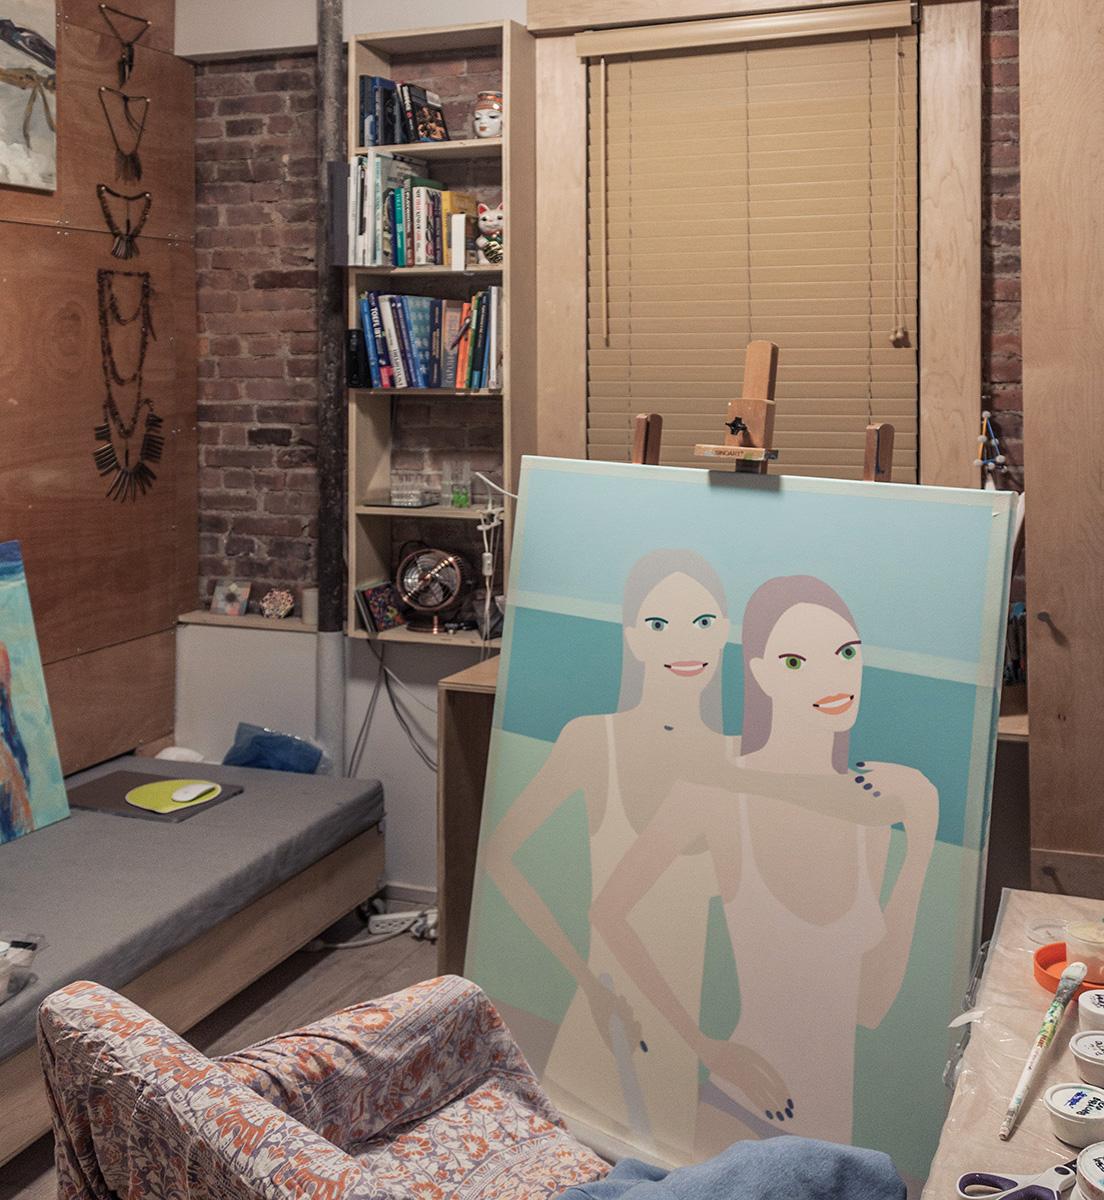 olga-feshina-in-studio-2016-17-4-s.jpg